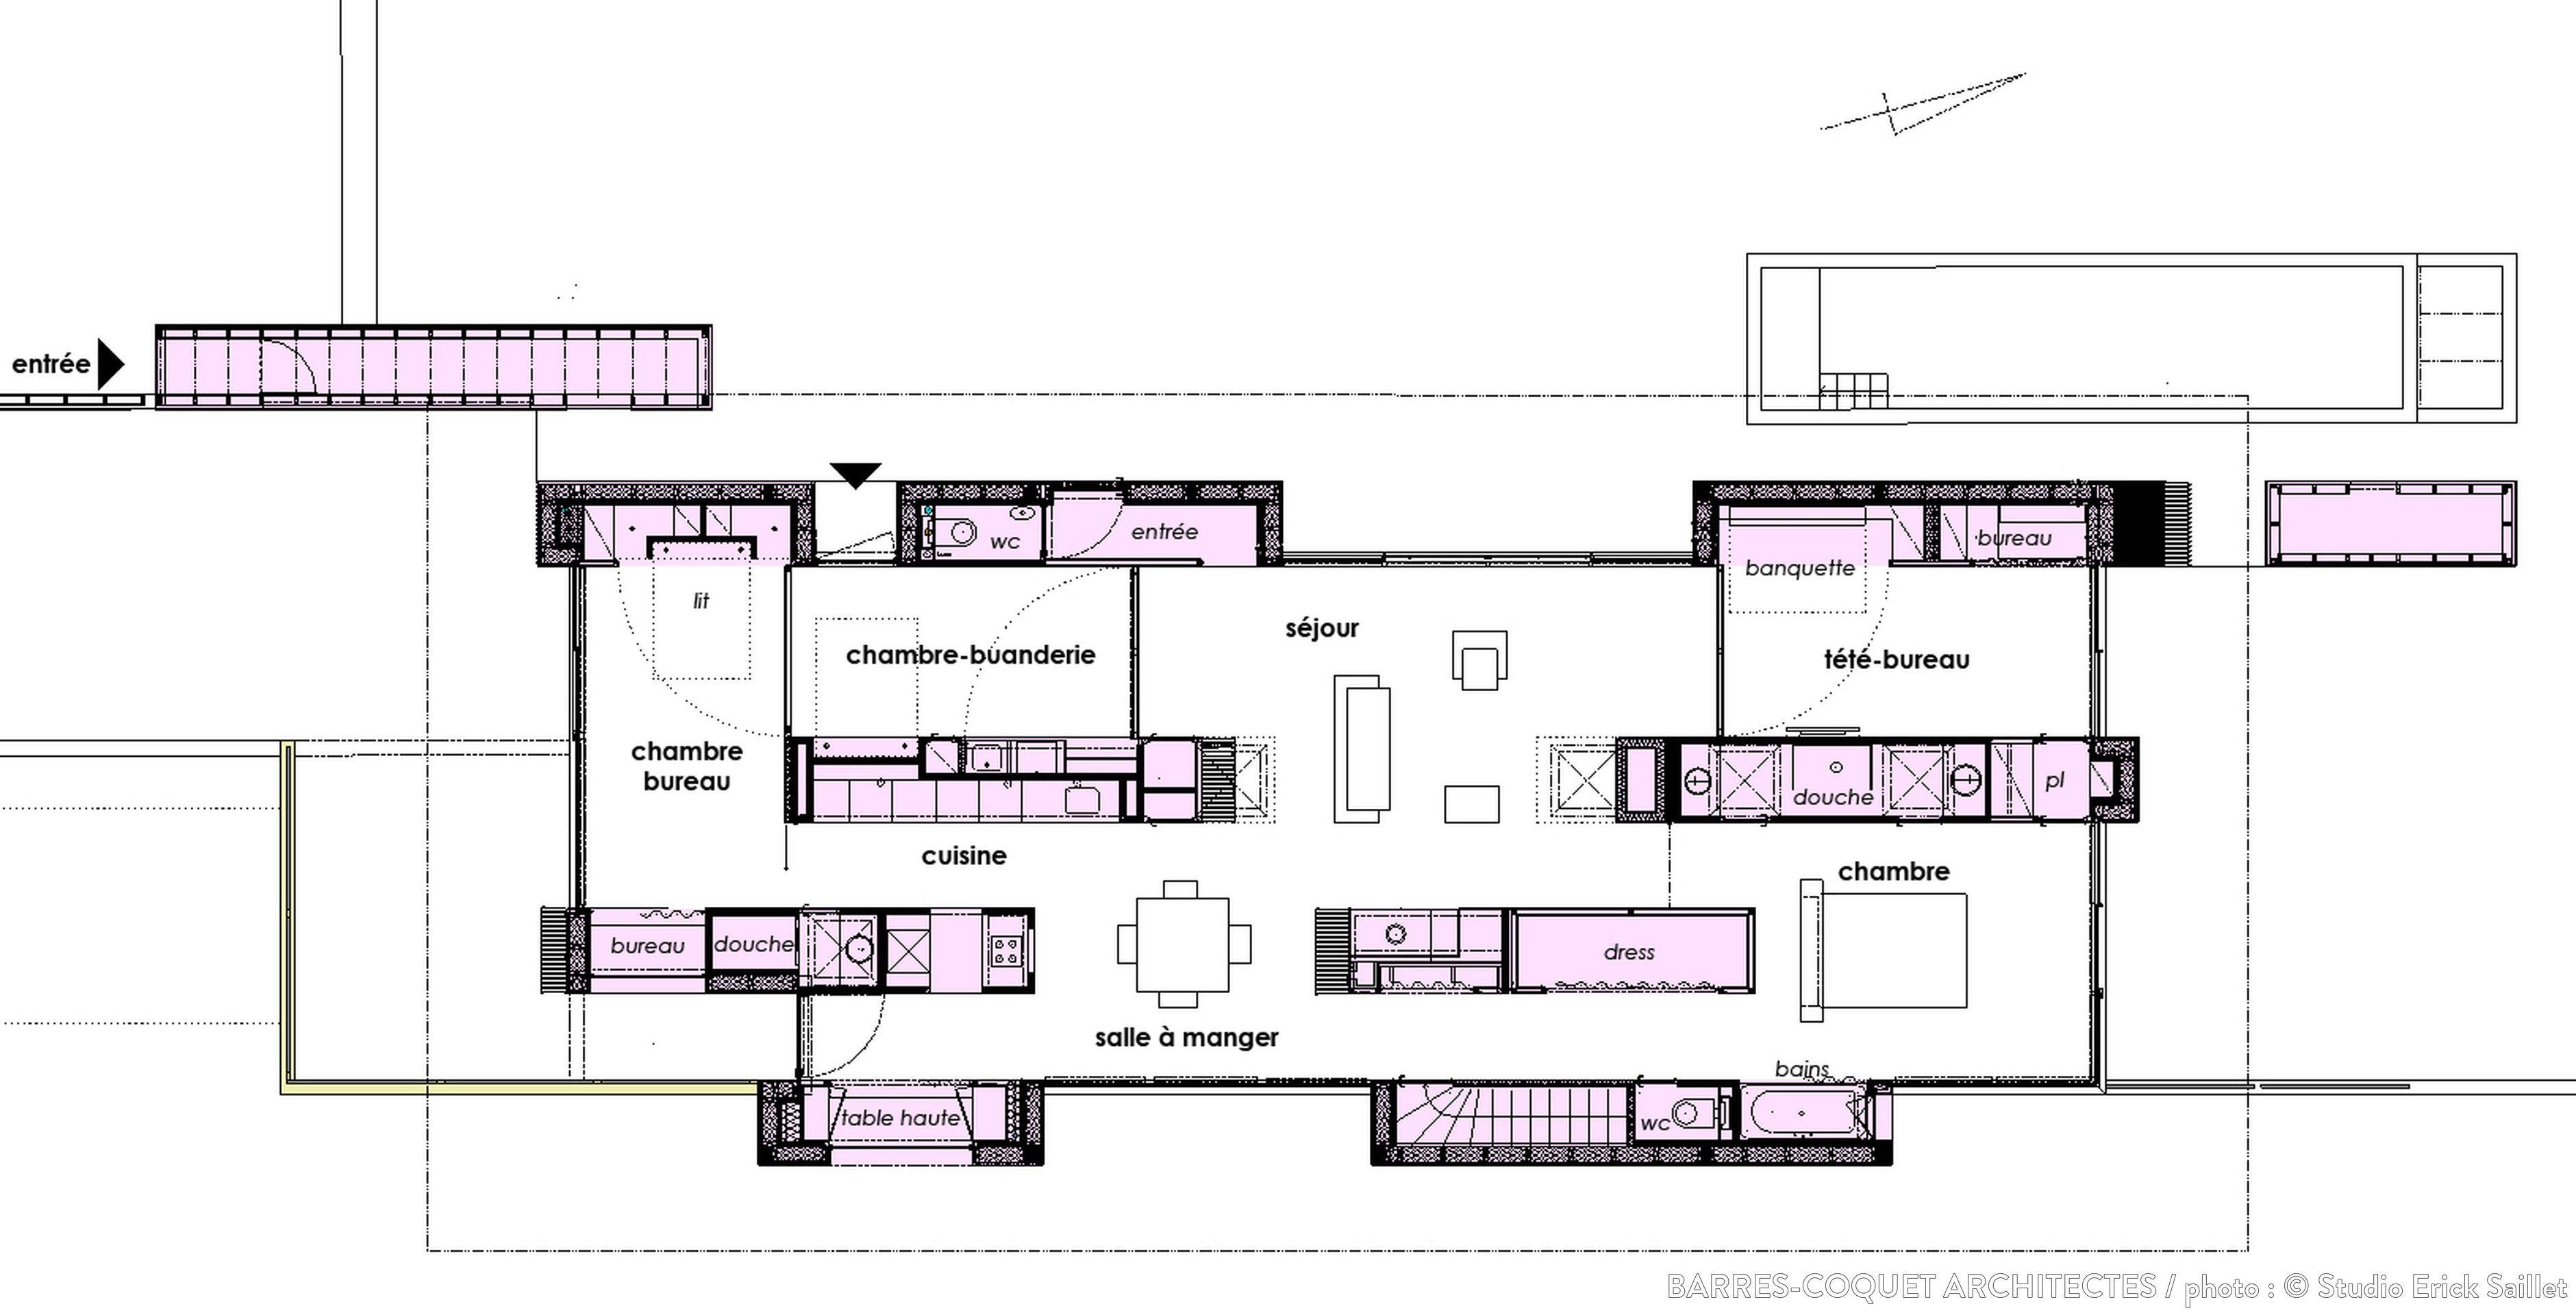 Maison Moderne Aves Des Coffres De Bois, Barrès Coquet Architectes   Côté  Maison